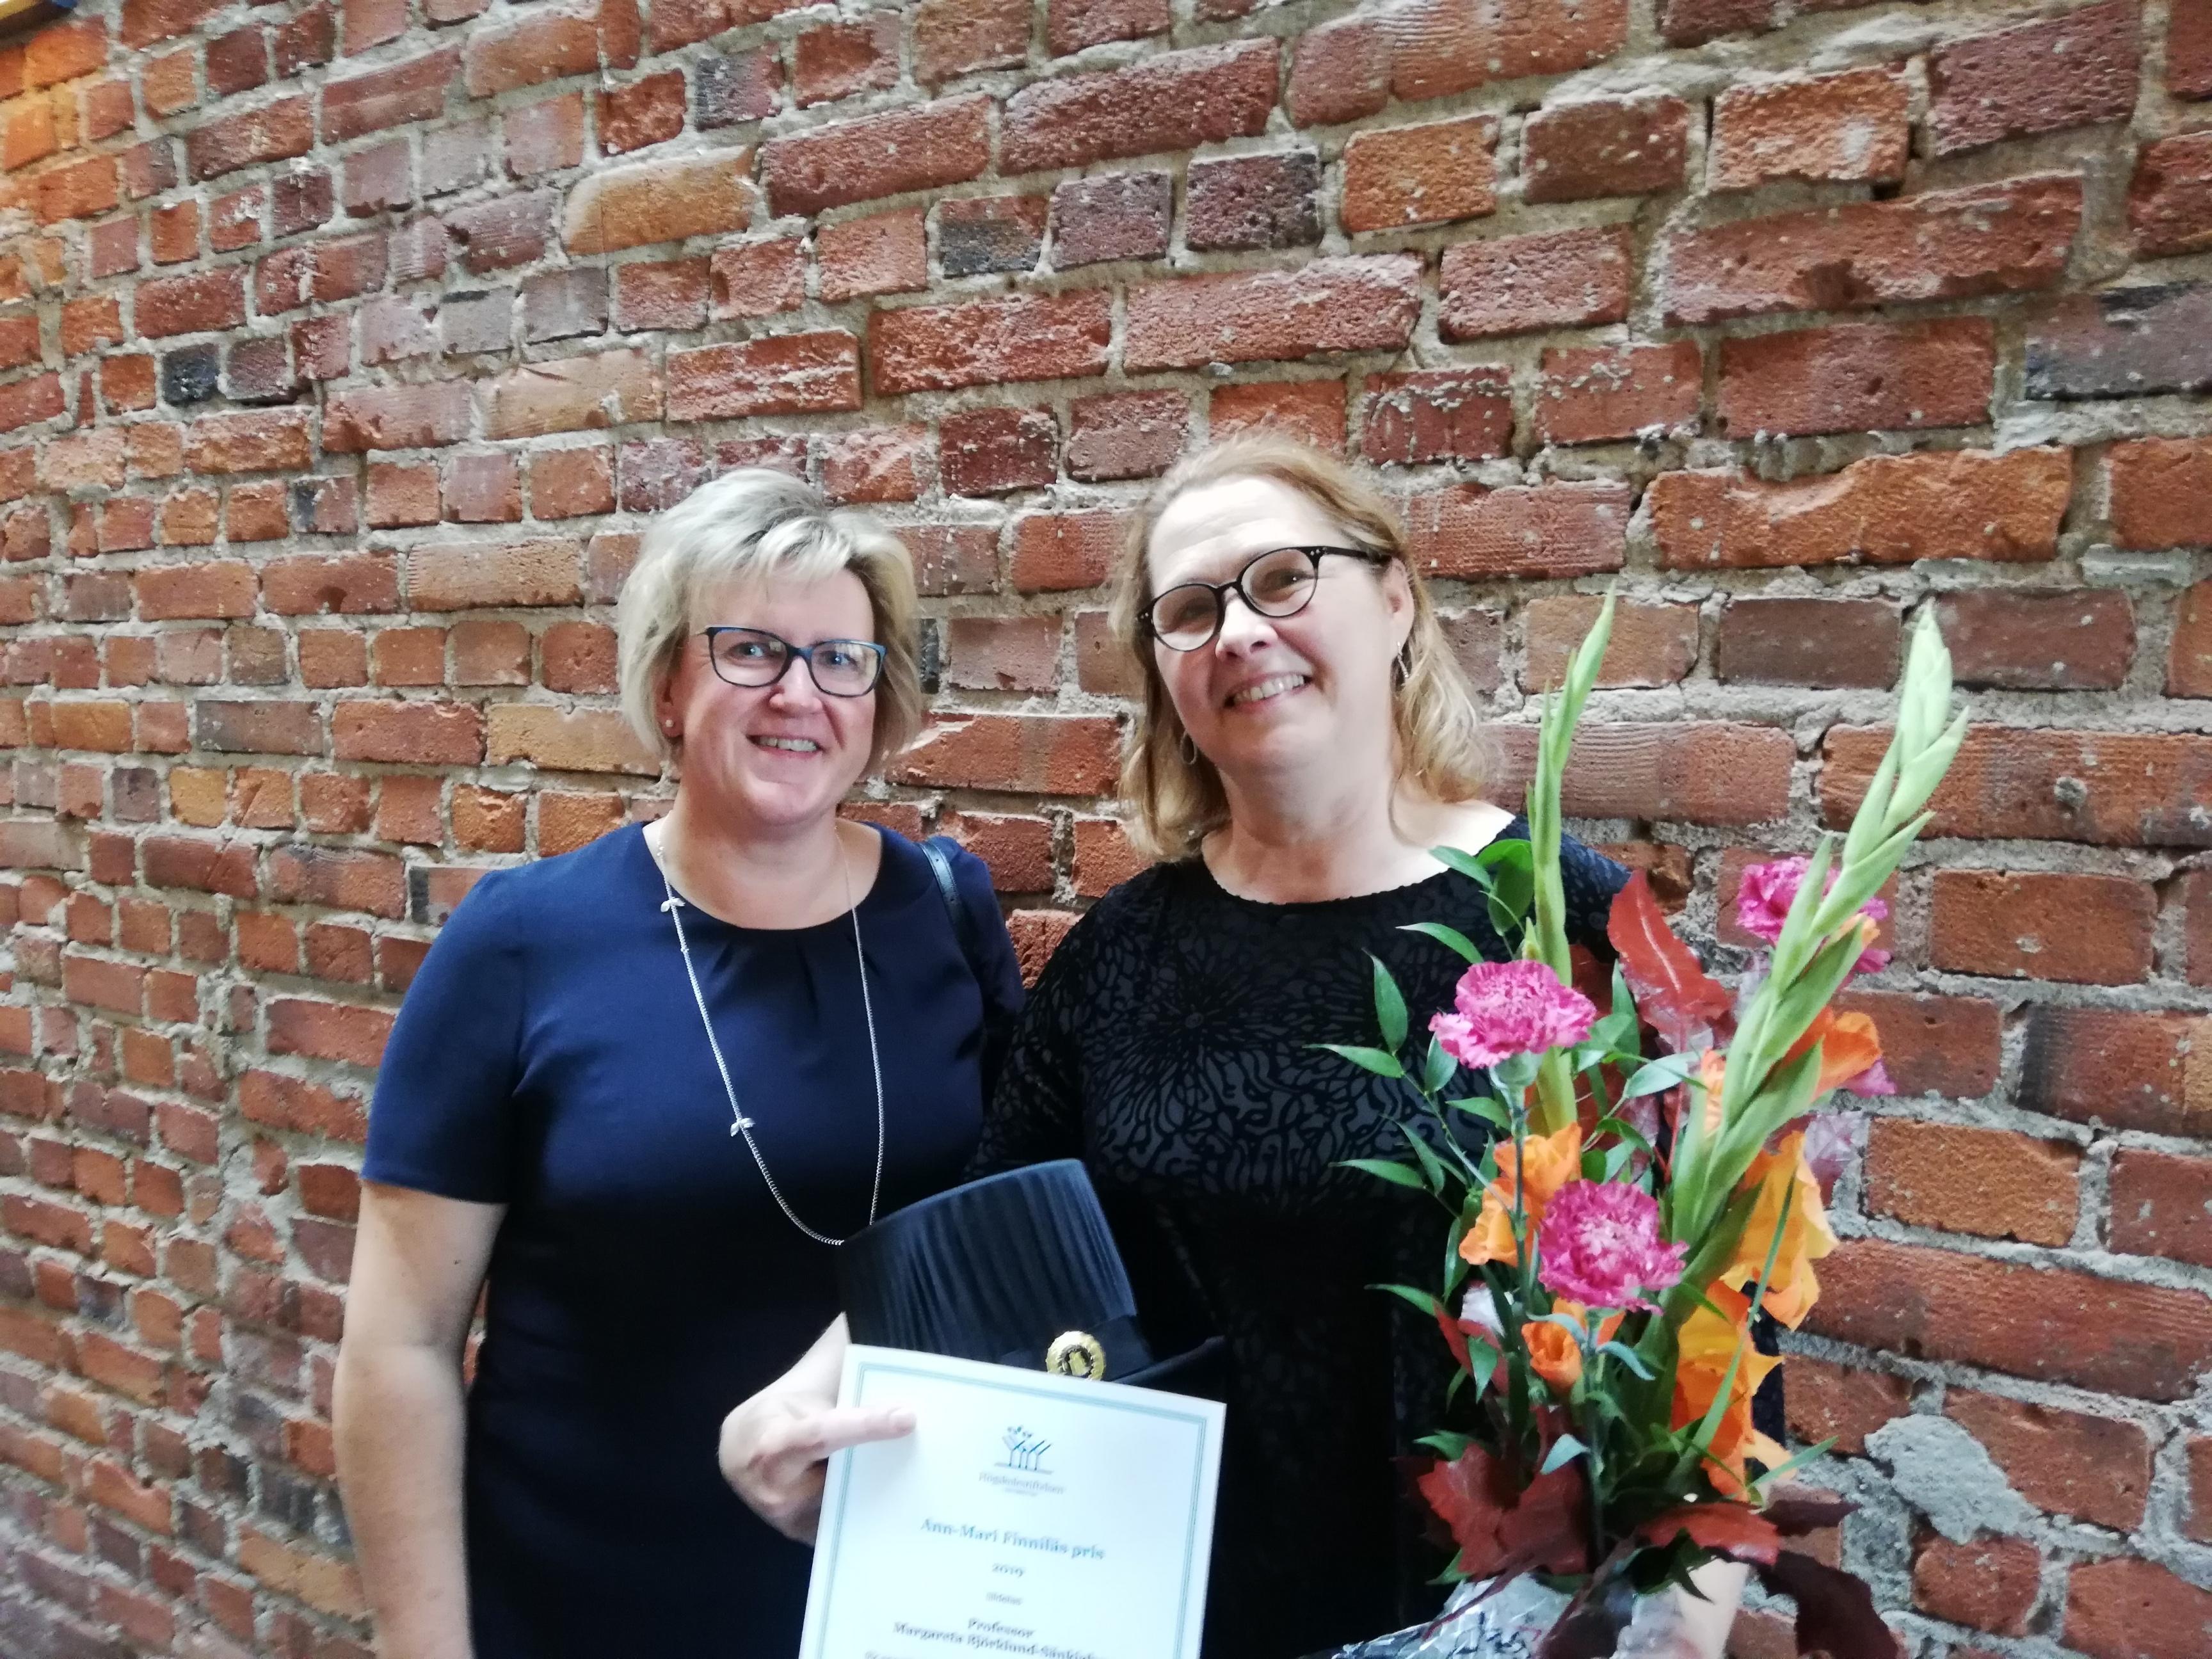 Ann-Mari Finniläs pris går i år till professor Margareta Björklund- Sänkiaho